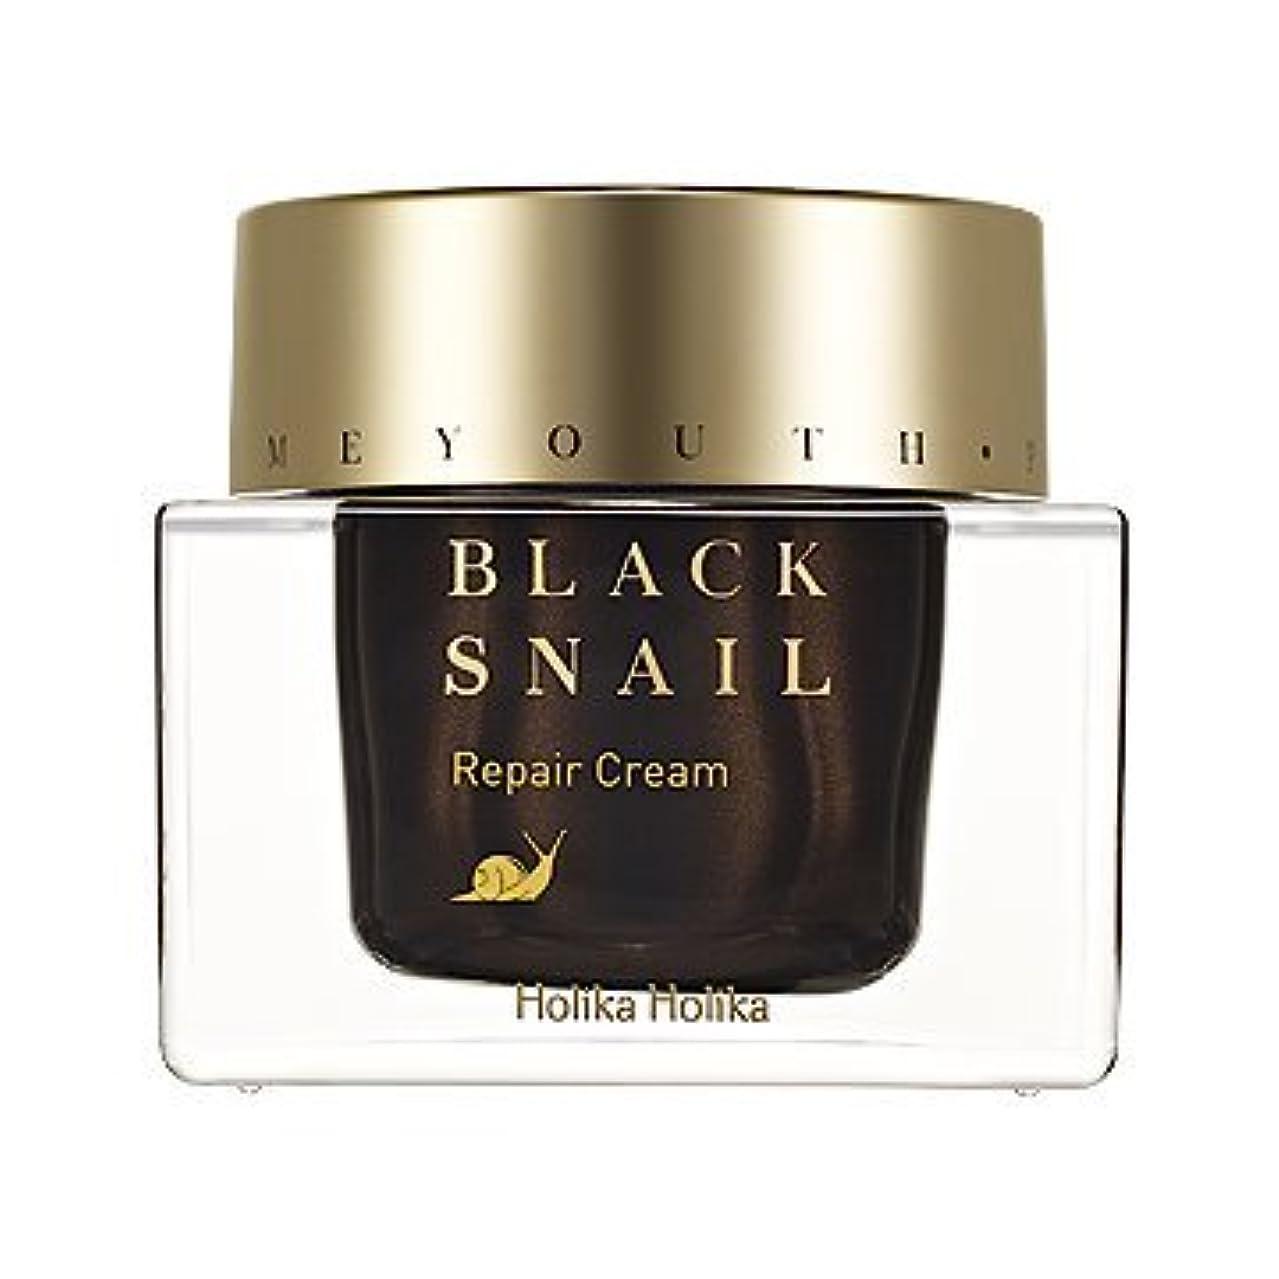 一般的に取得波紋HolikaHolika(ホリカホリカ) Prime Youth Black Snail Repair Cream プライムユースブラックスネイルクリーム カタツムリ エスカルゴ [並行輸入品]